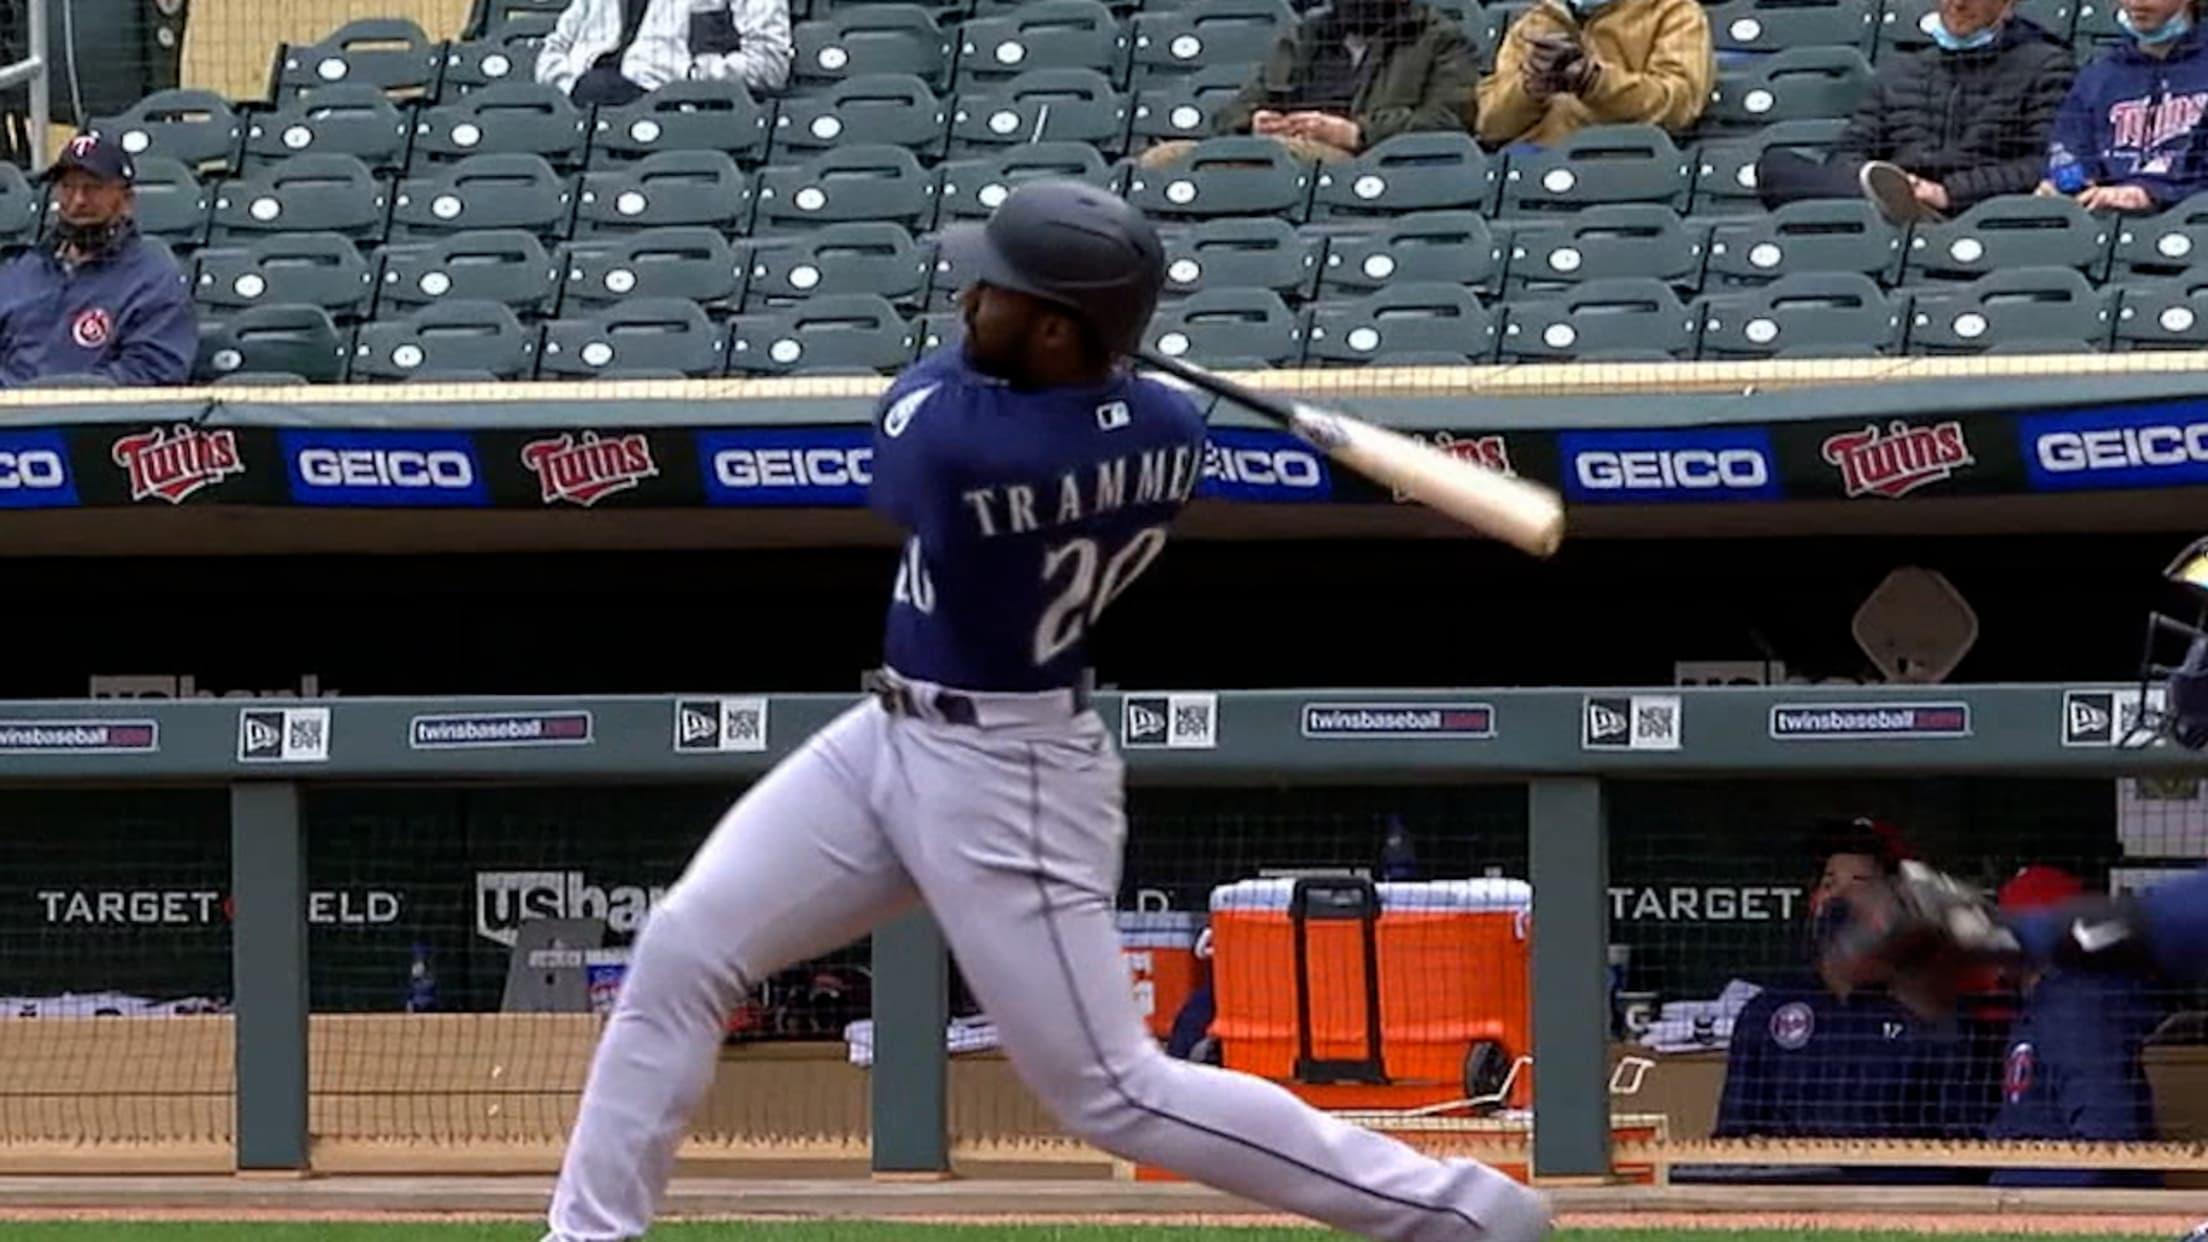 Trammell's first career home run